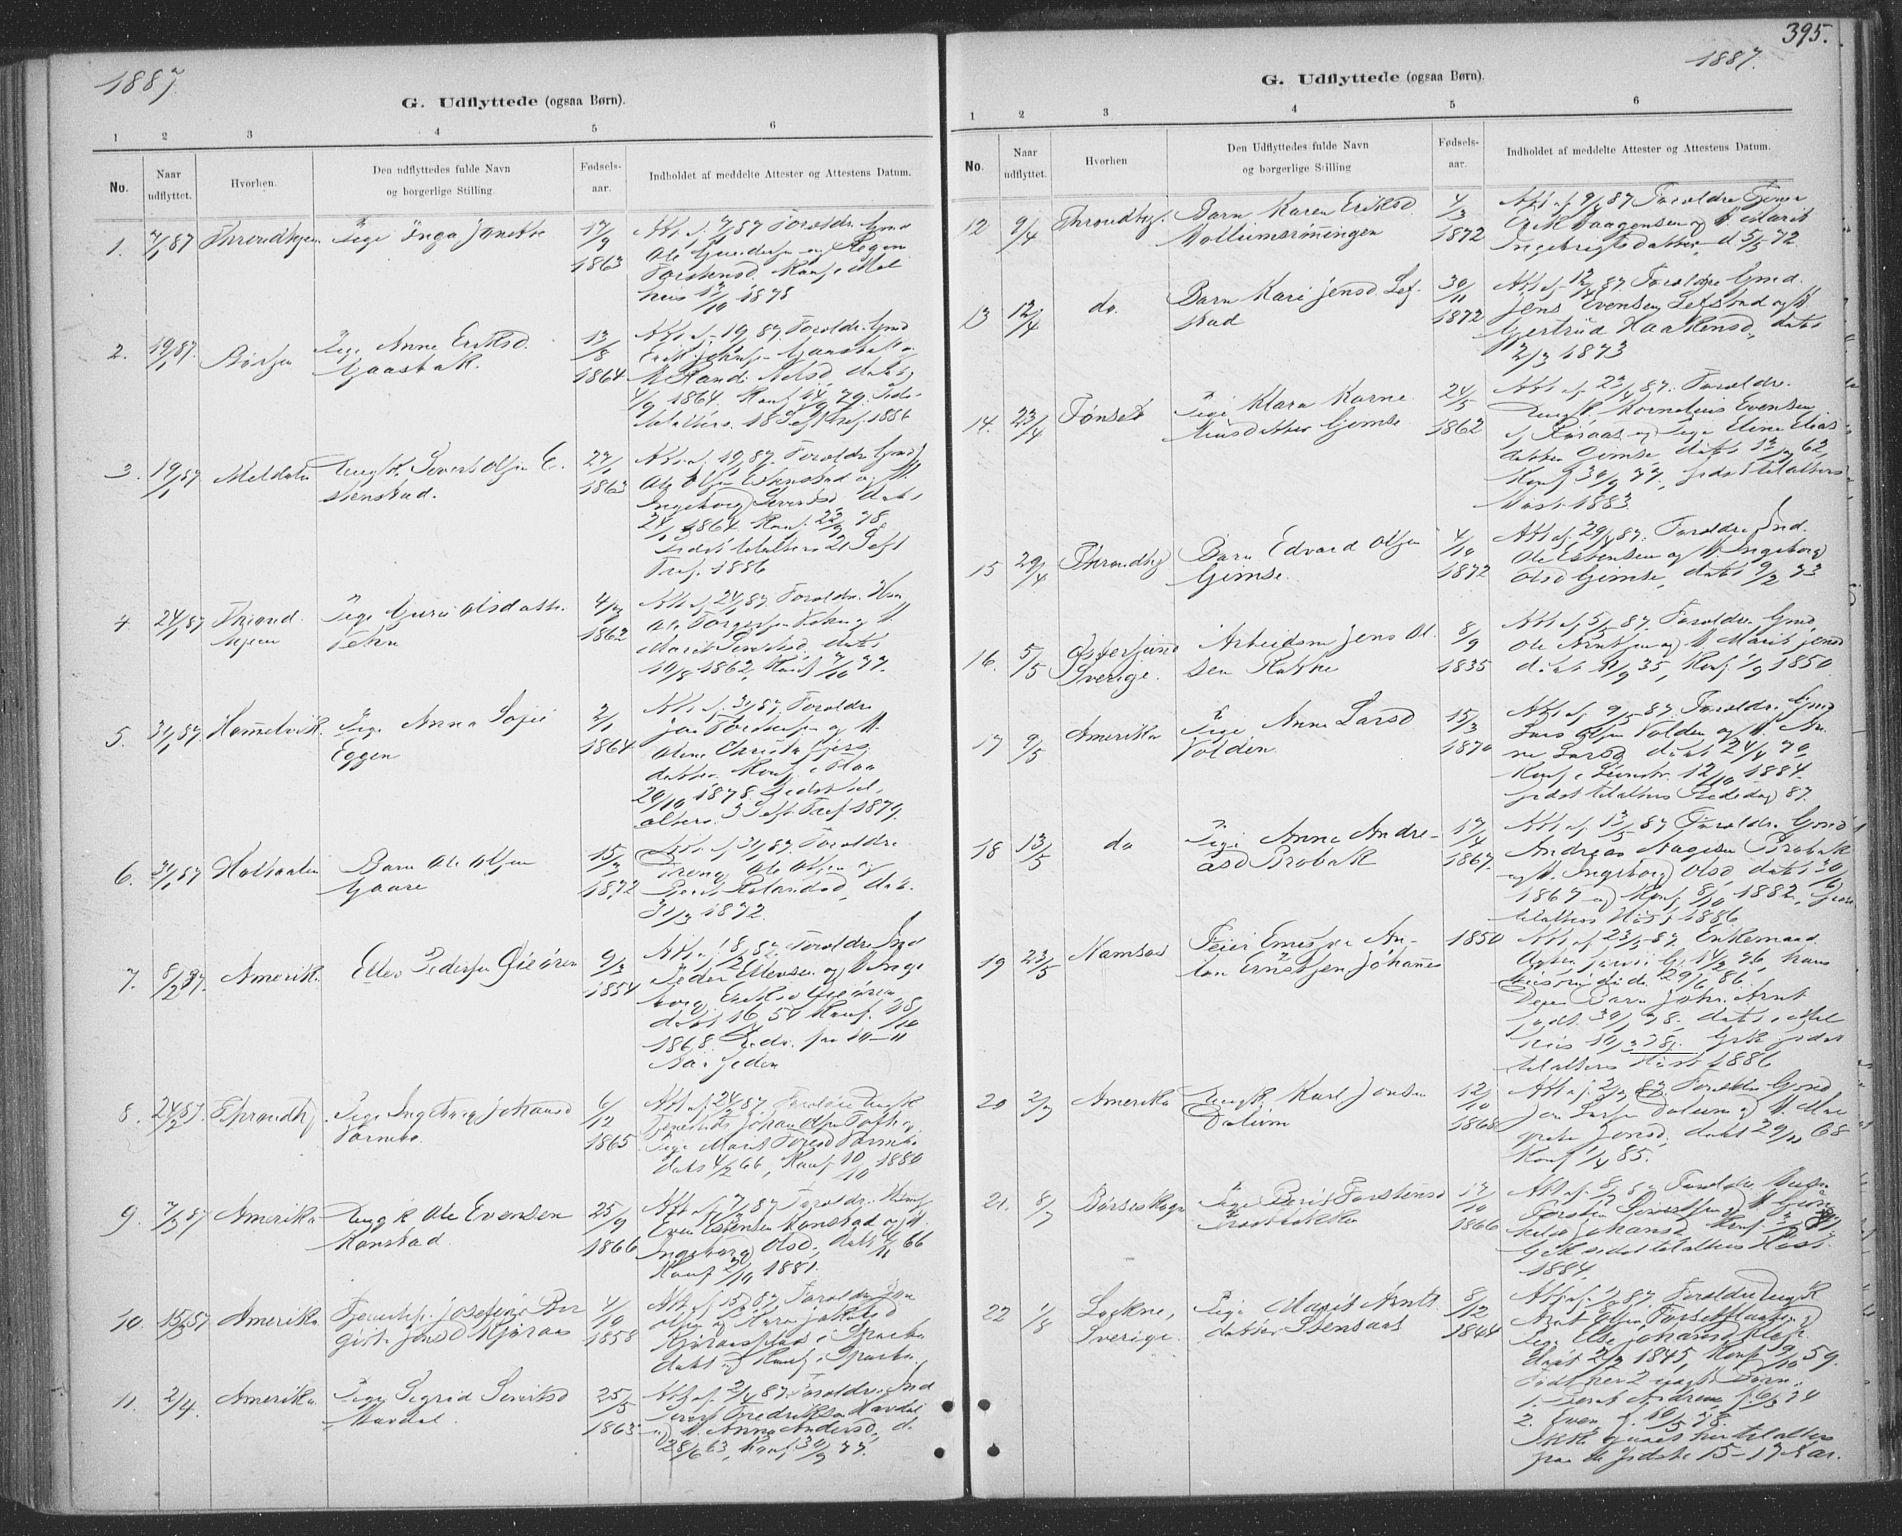 SAT, Ministerialprotokoller, klokkerbøker og fødselsregistre - Sør-Trøndelag, 691/L1085: Ministerialbok nr. 691A17, 1887-1908, s. 395